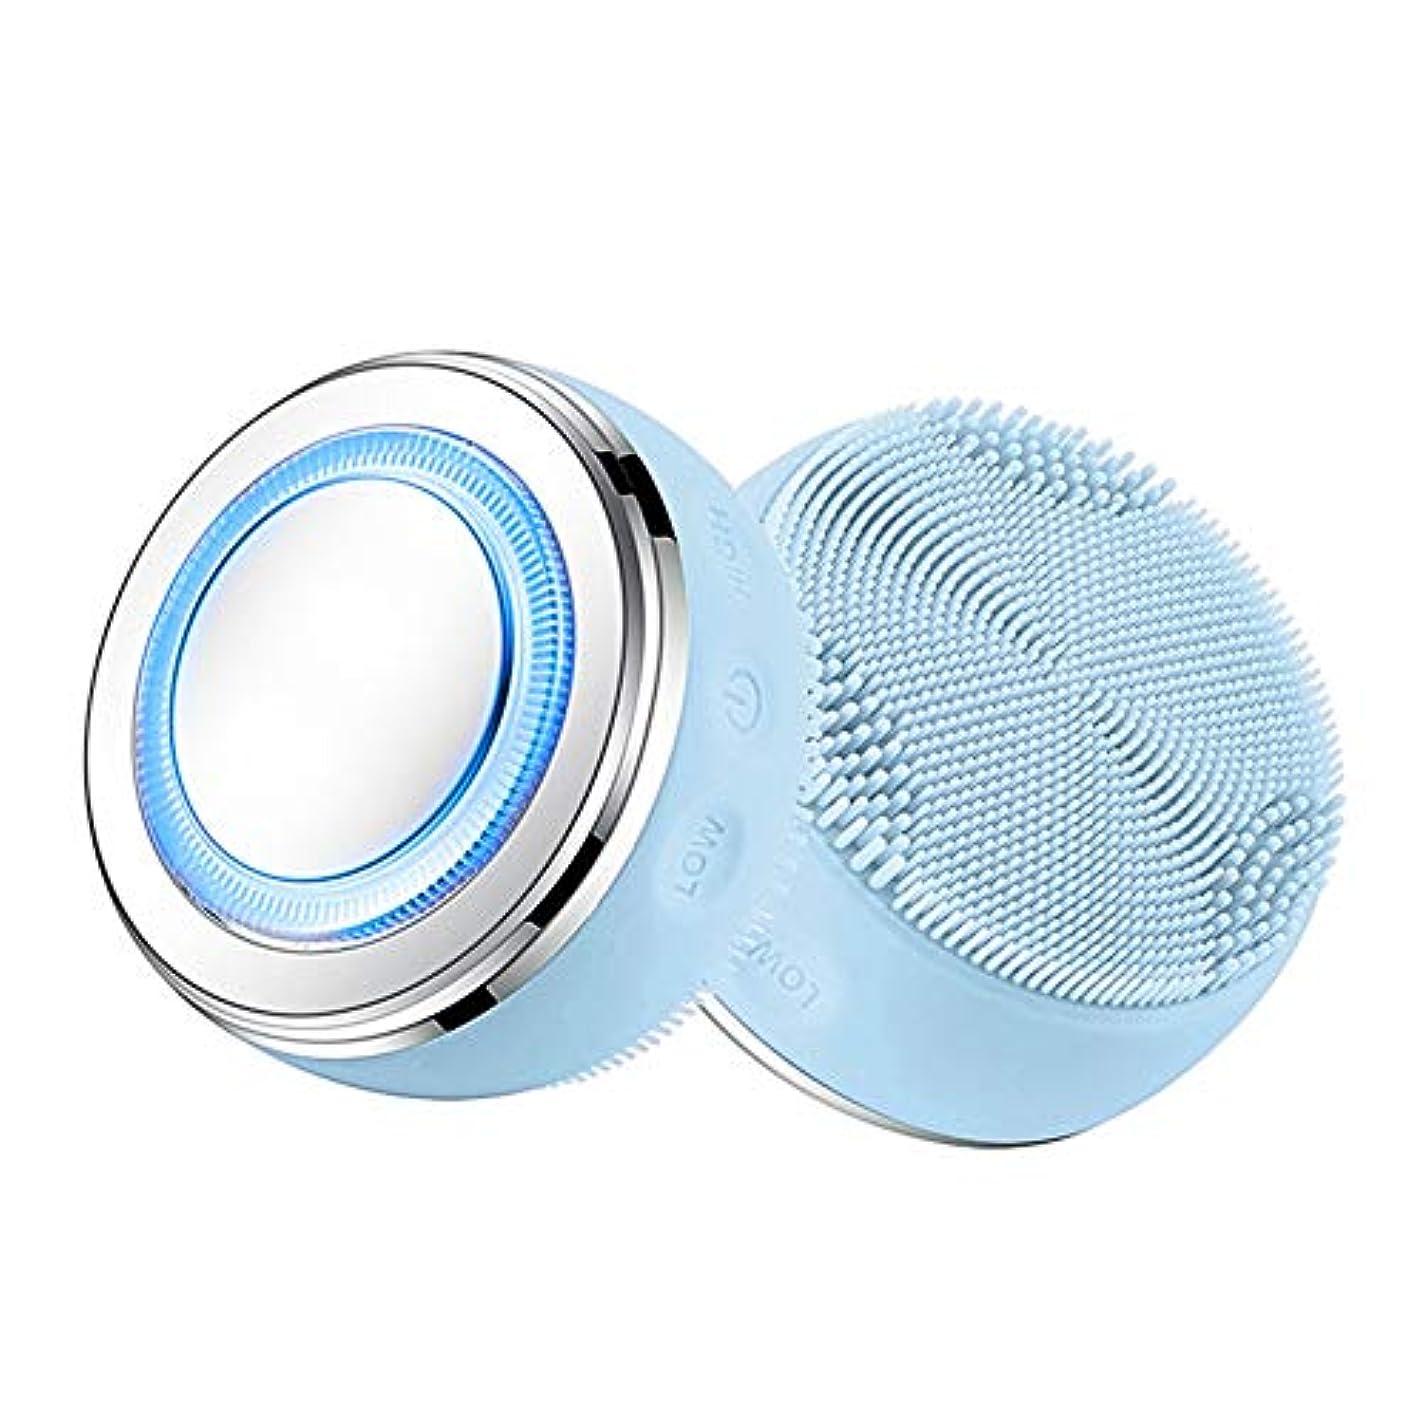 養う目覚める資産2-IN-1クレンジングブラシ、ホットプレスLEDスキンクリーナー、防水シリコーン毛穴クリーナー美顔器